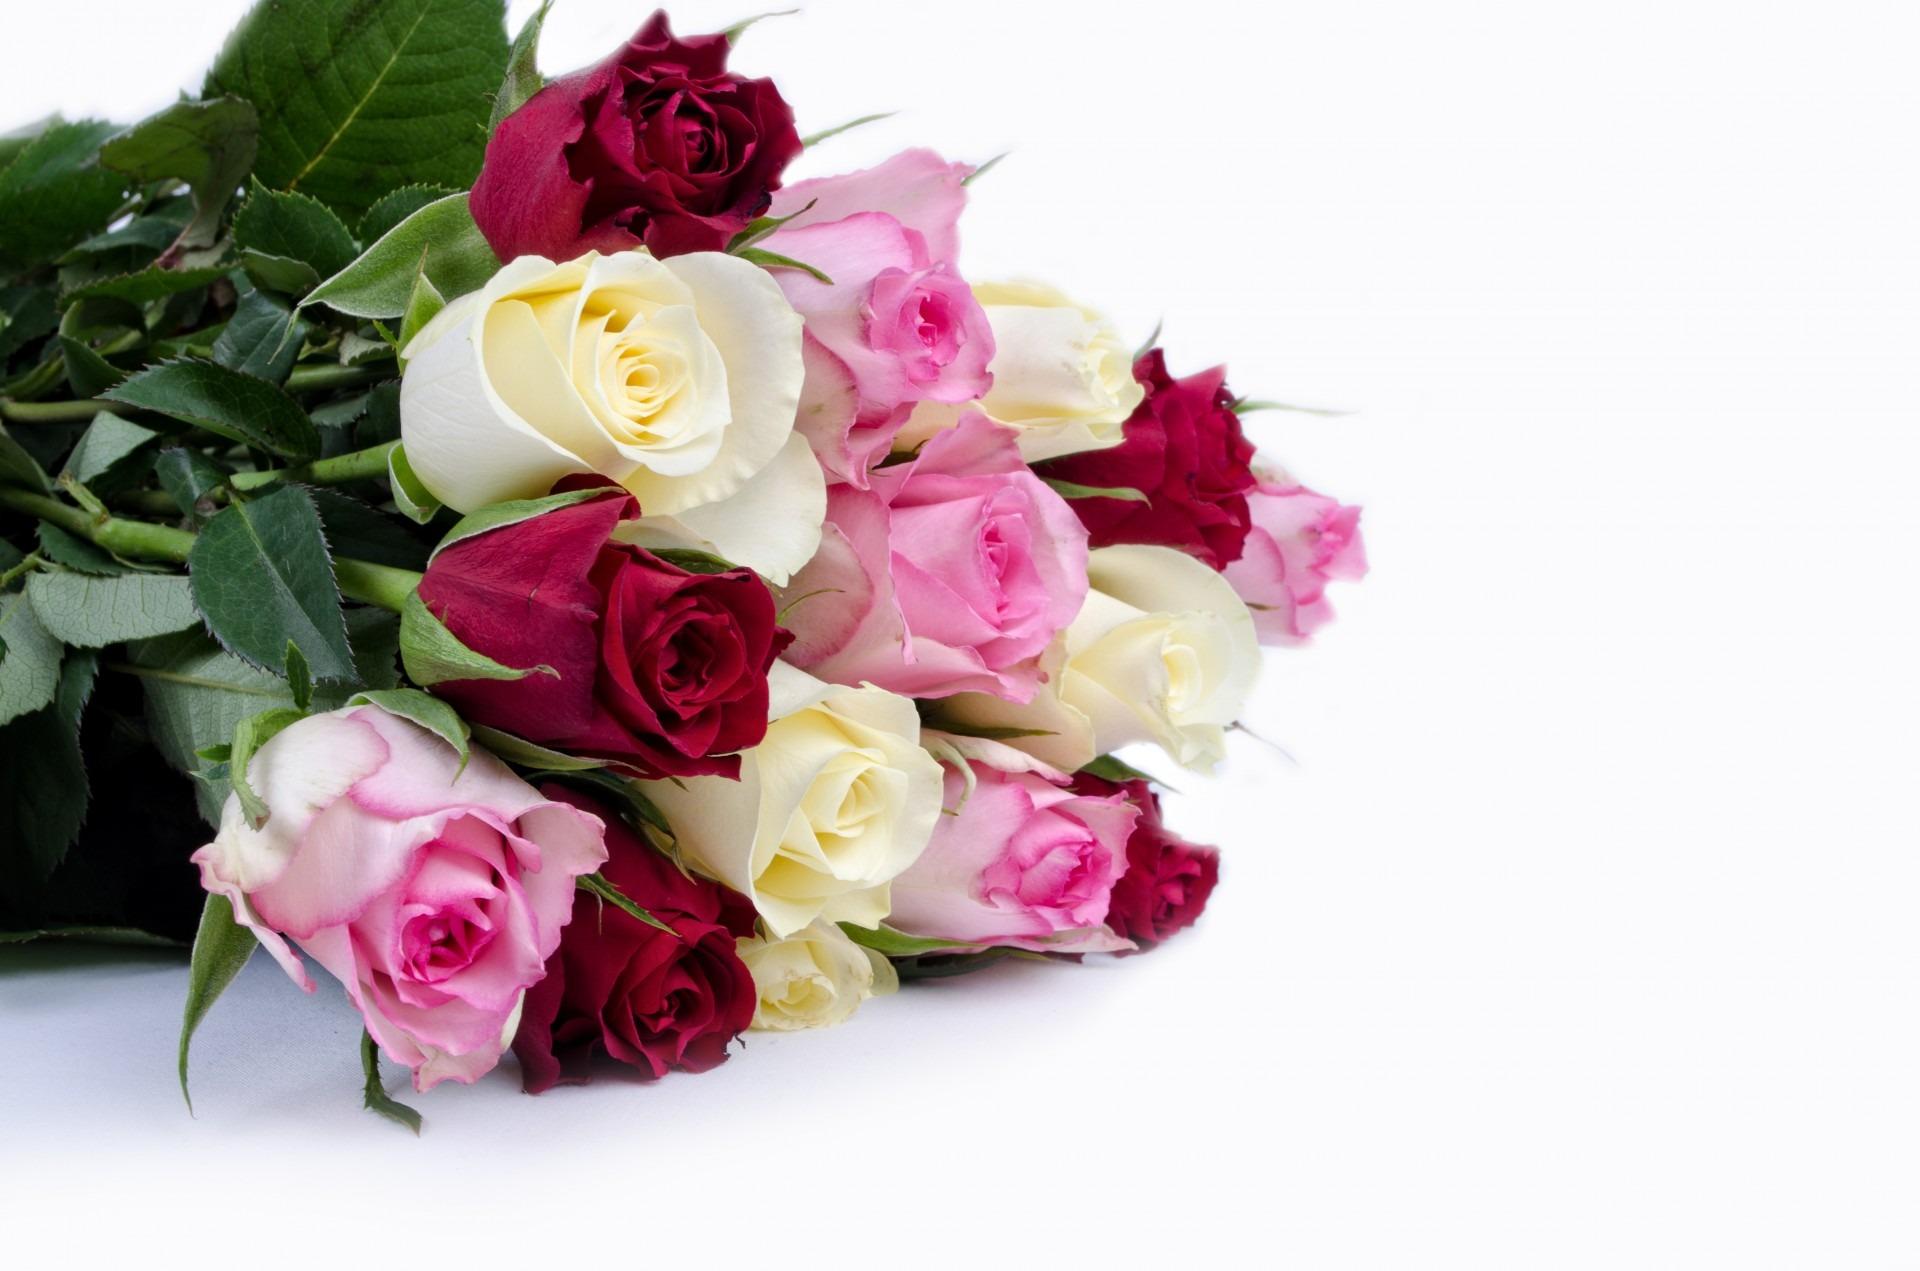 Фото цветов на день рождения розы